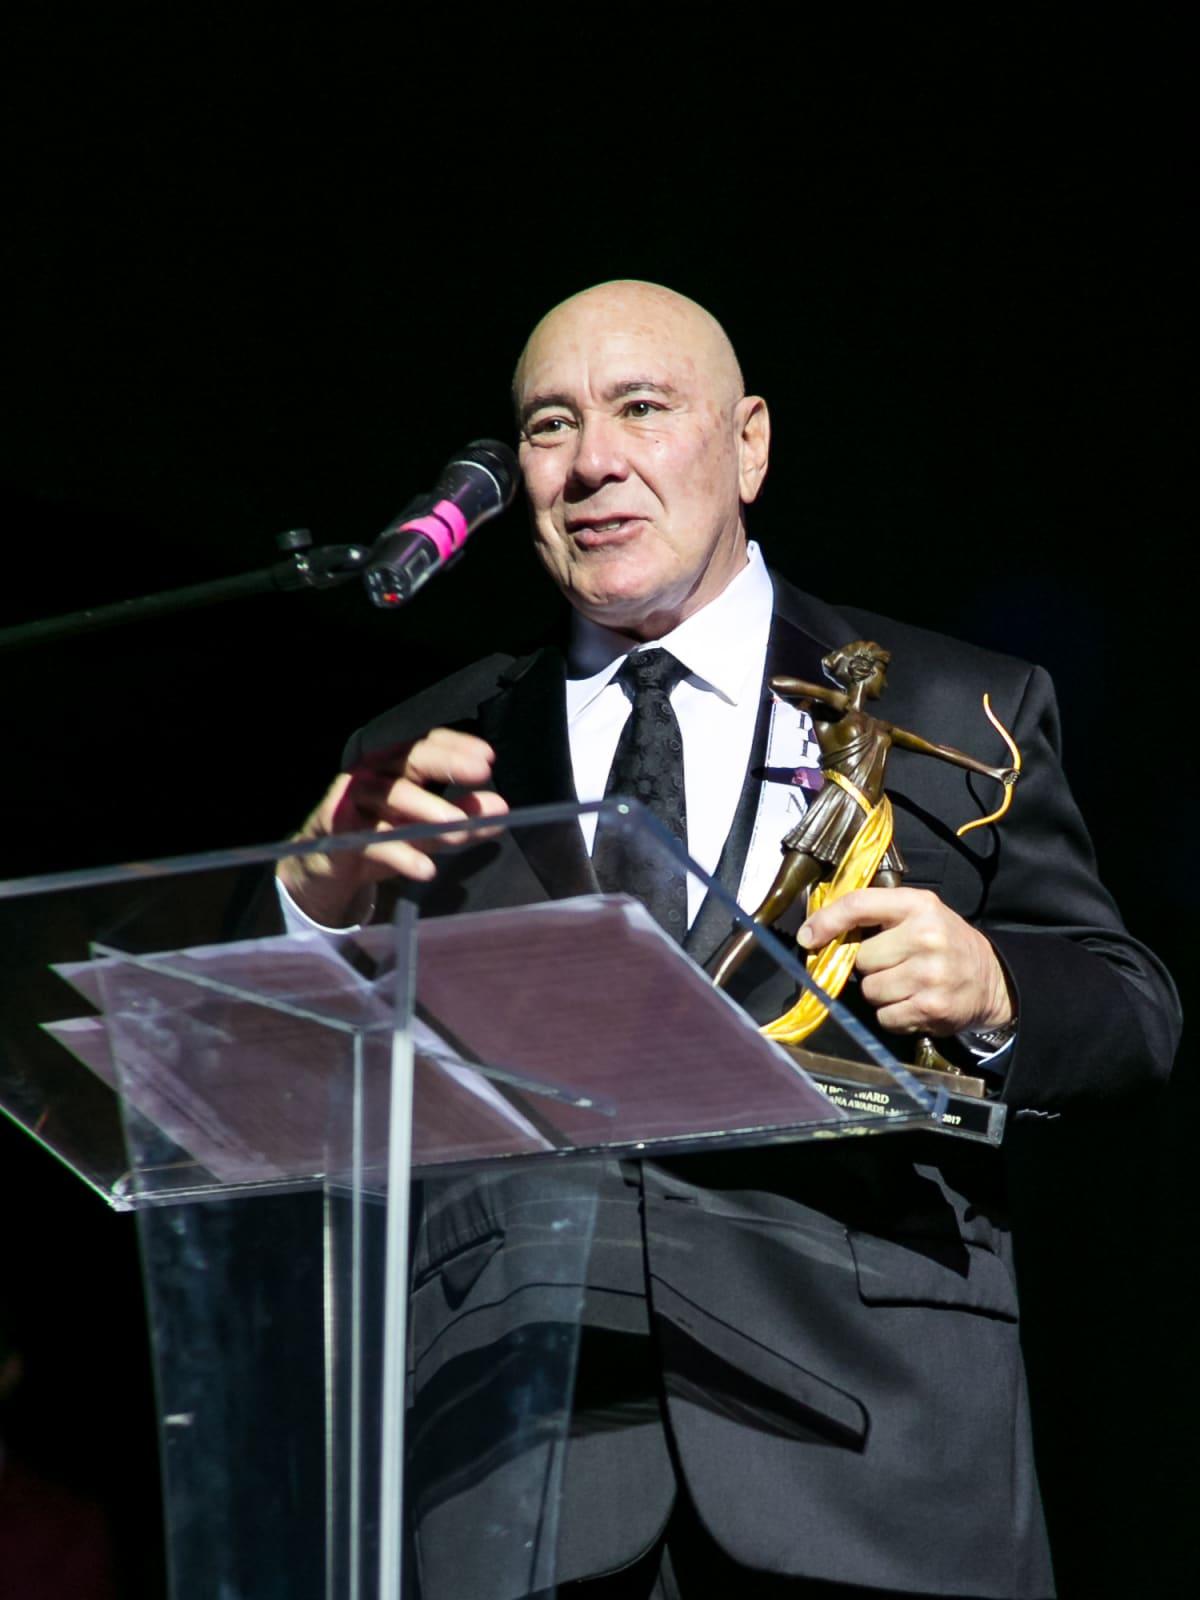 Golden Bow Award recipient Frank Williams at Diana Awards